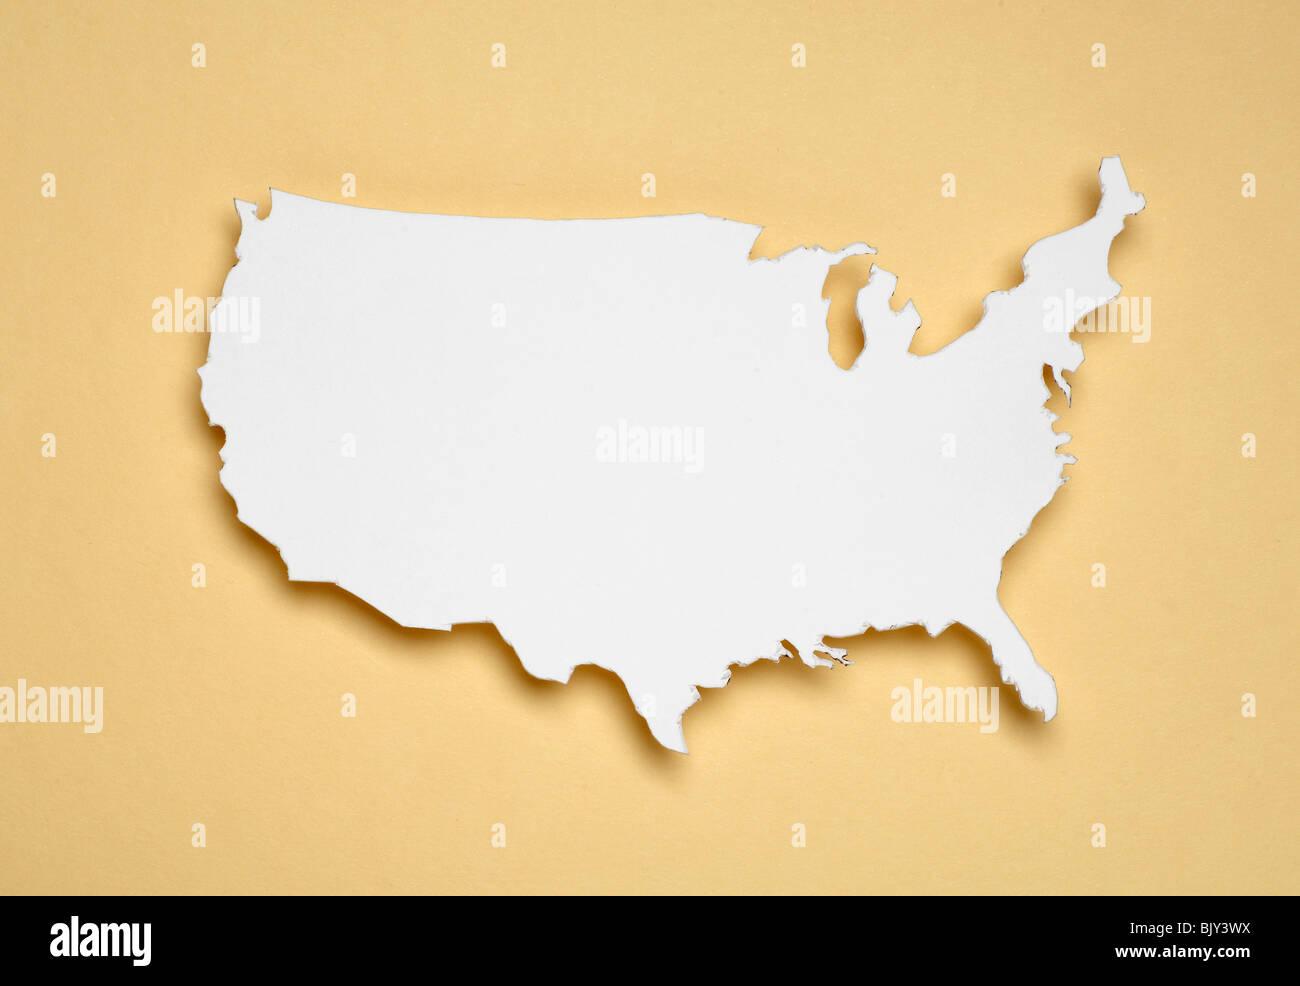 Découper un papier blanc aperçu des États-Unis d'Amérique Photo Stock